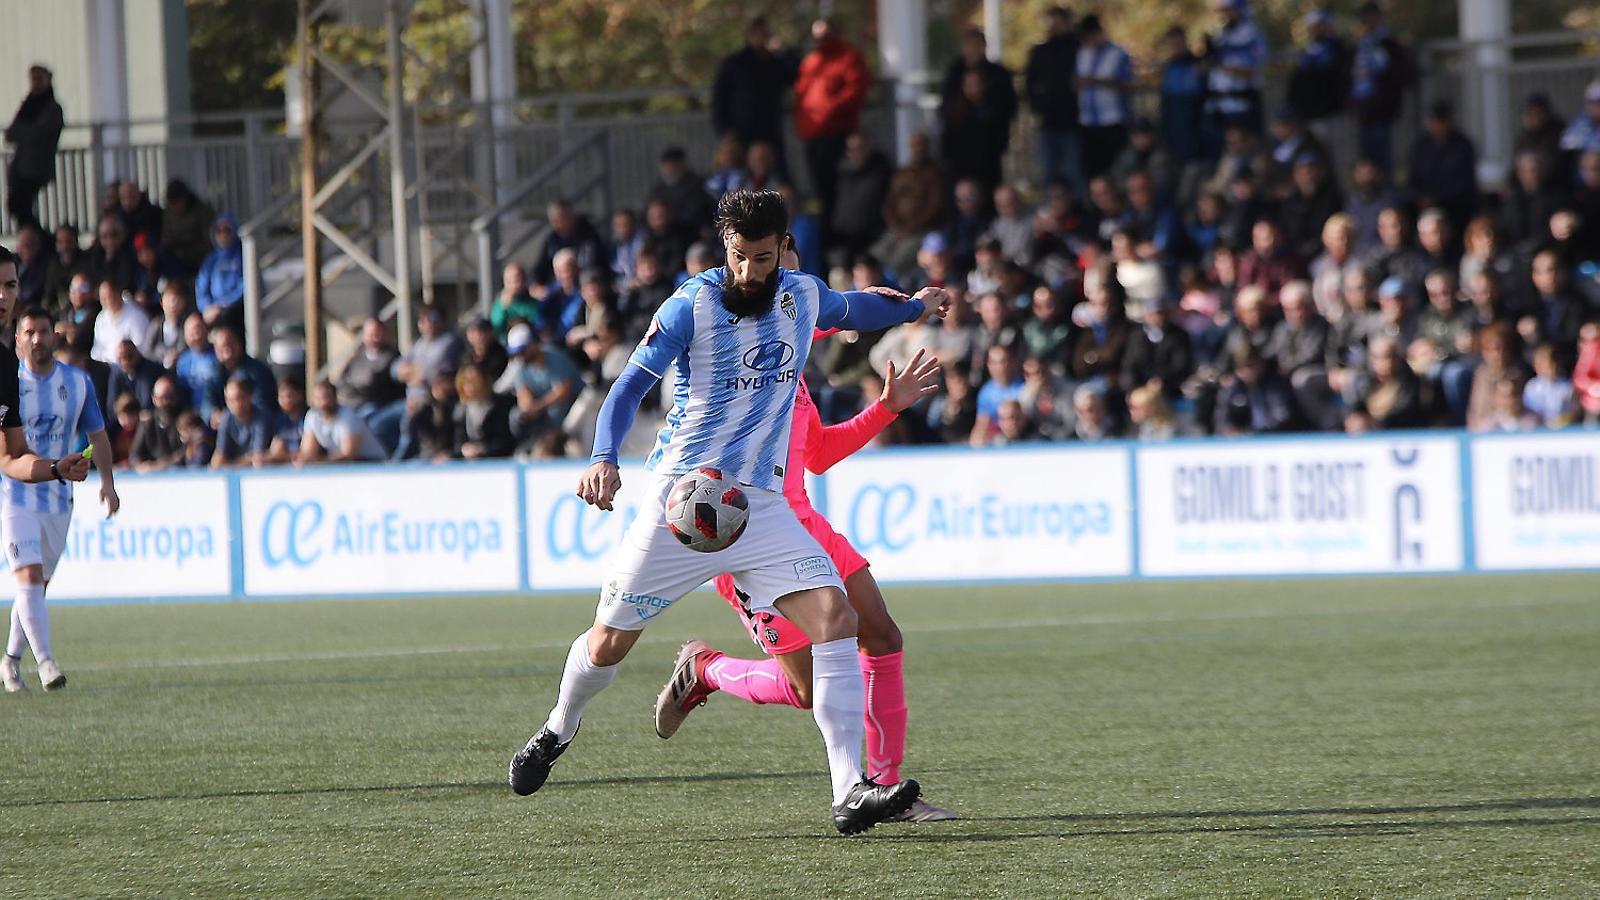 El davanter mallorquí de l'Atlètic Balears Marcos de la Espada en una acció del joc en el partit de la setmana passada contra el Castelló a Son Malferit.